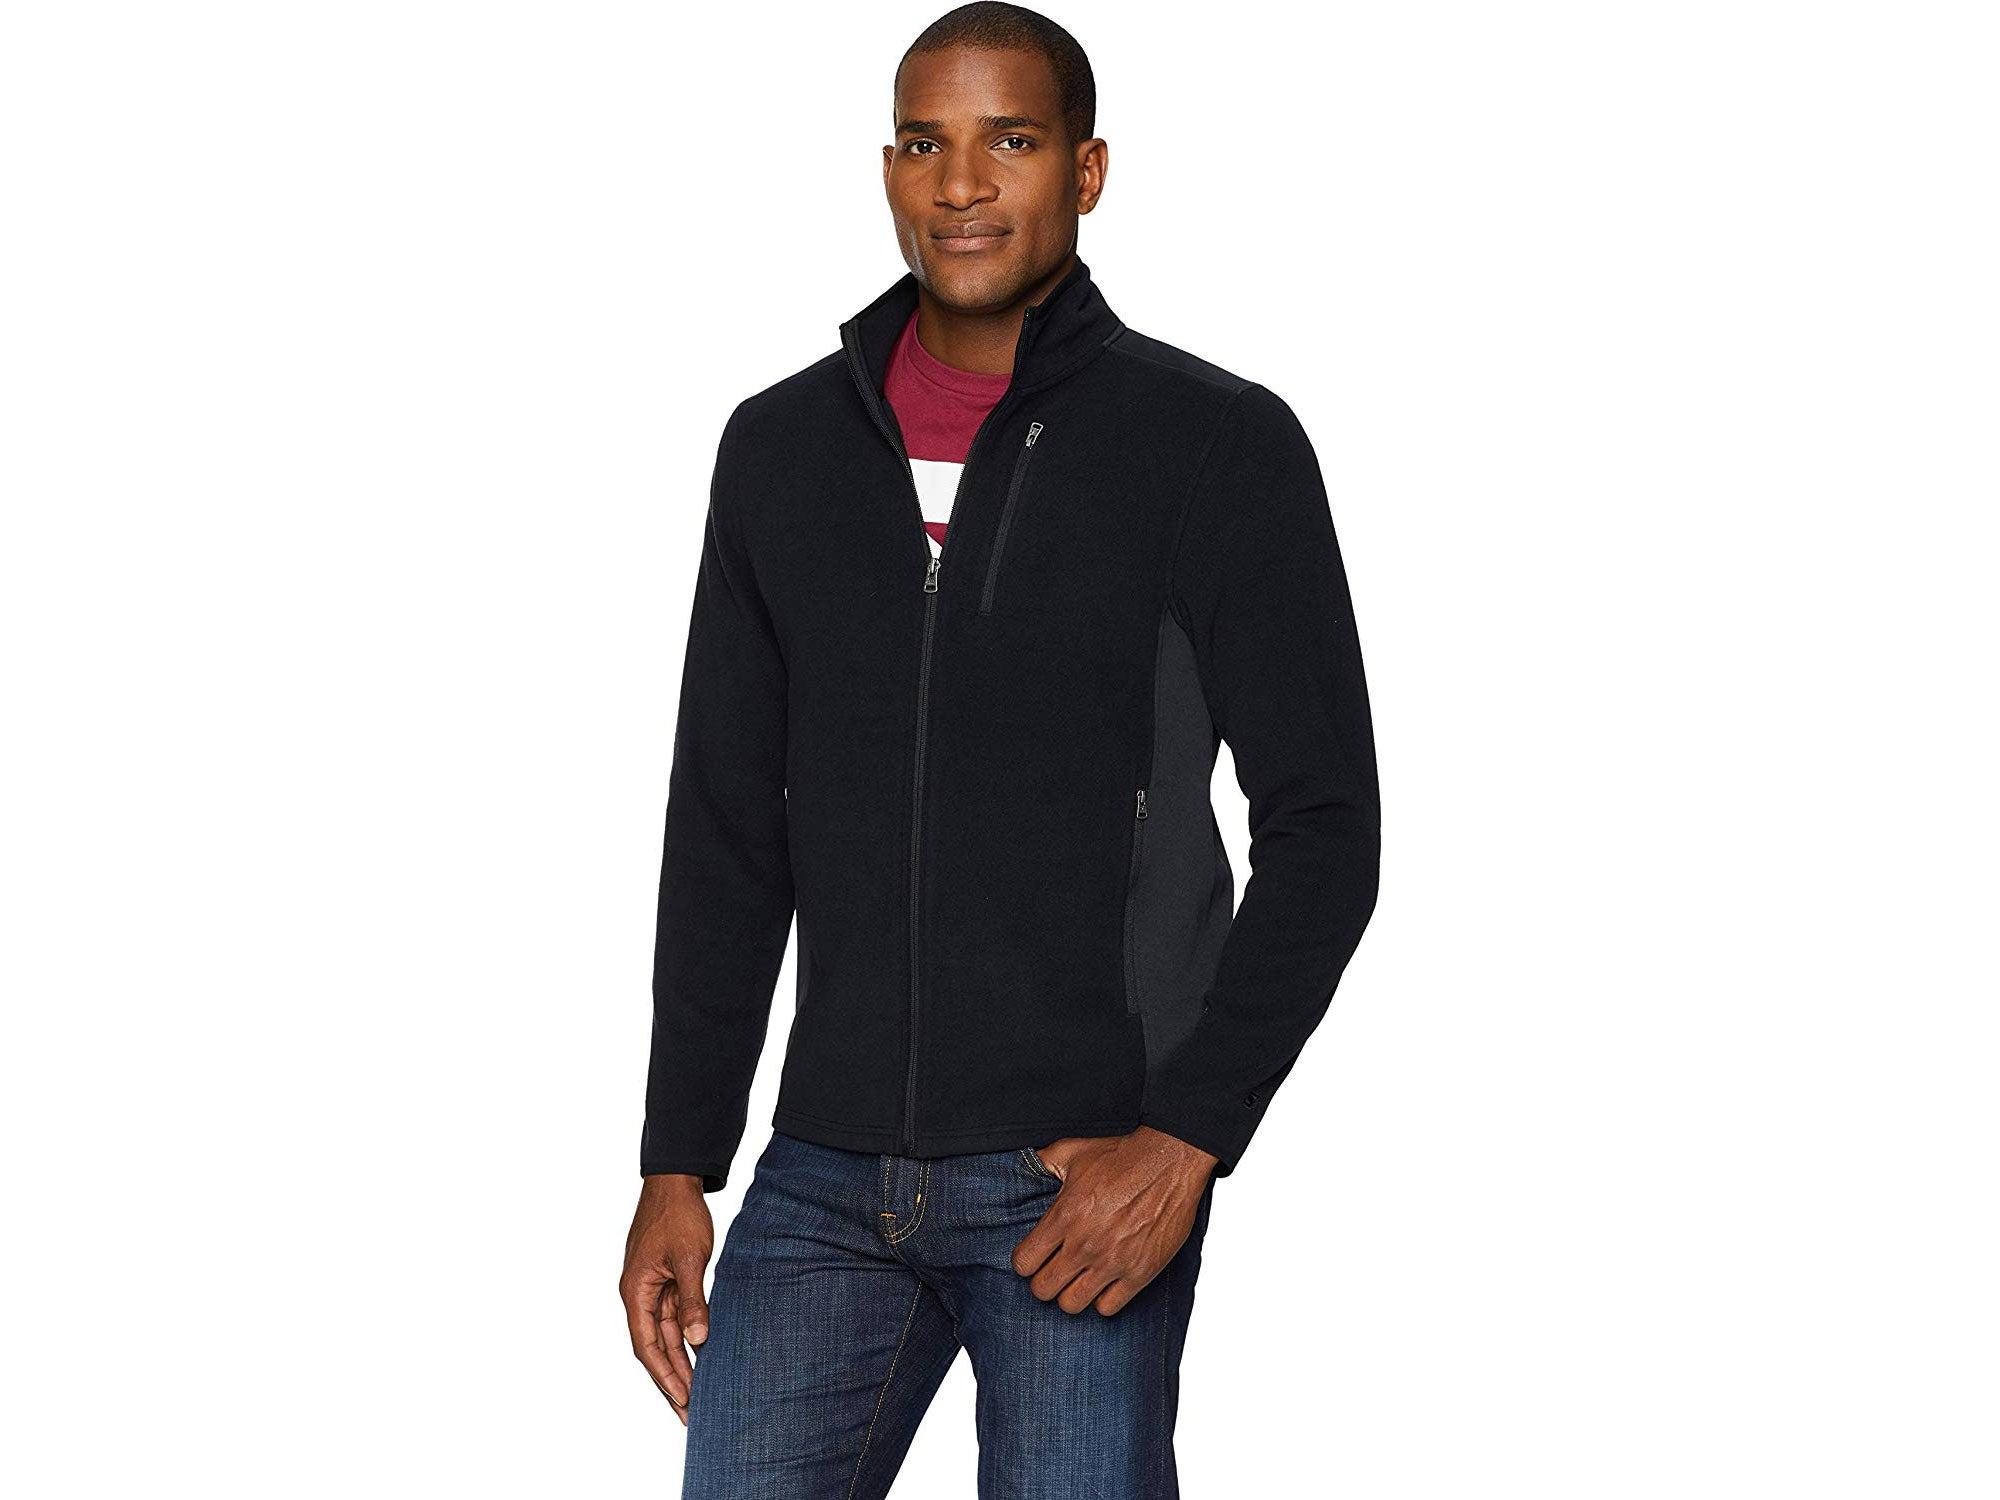 Man wearing Starter fleece jacket